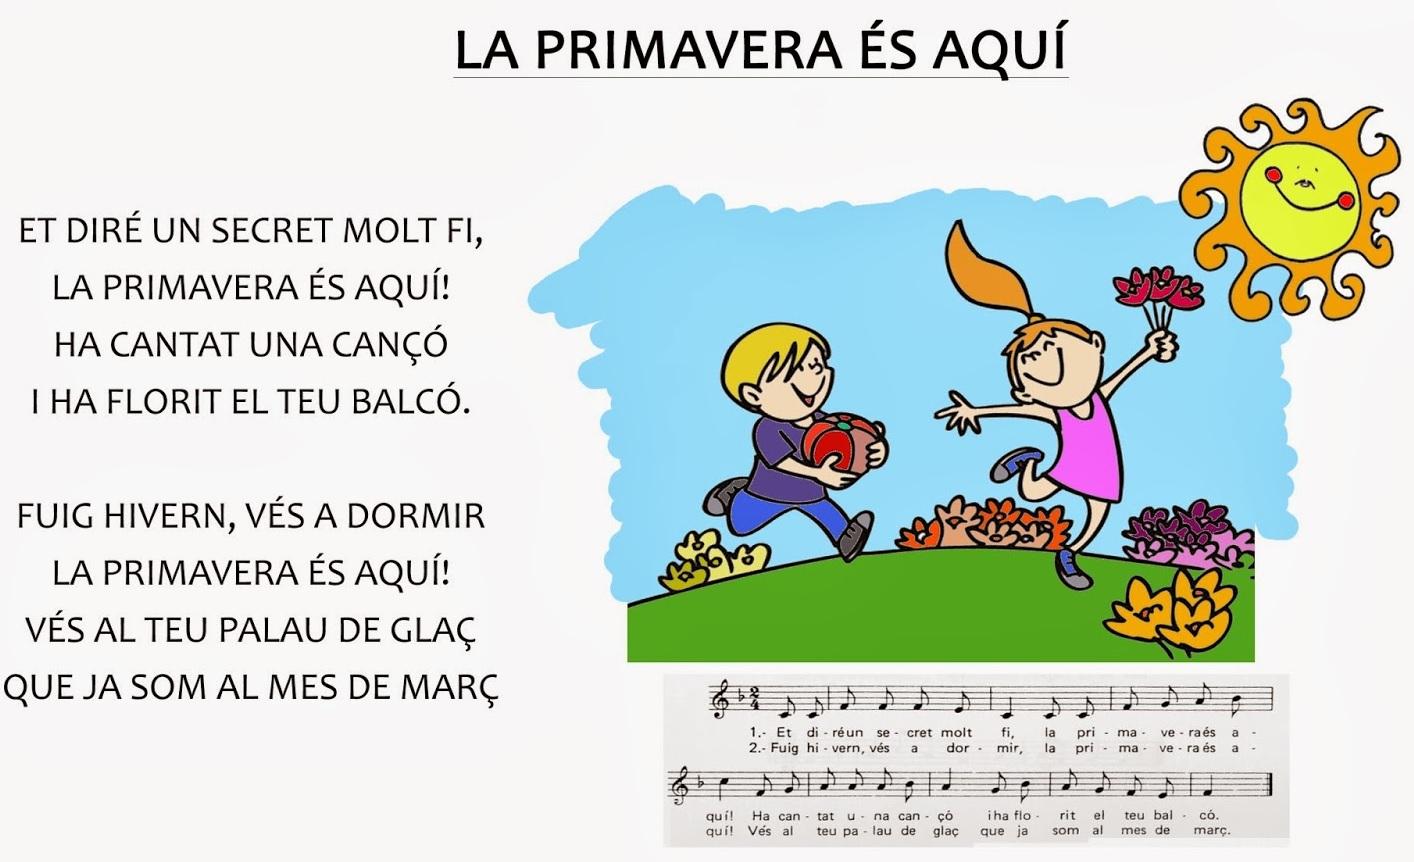 LA-PRIMAVERA-ÉS-AQUÍ